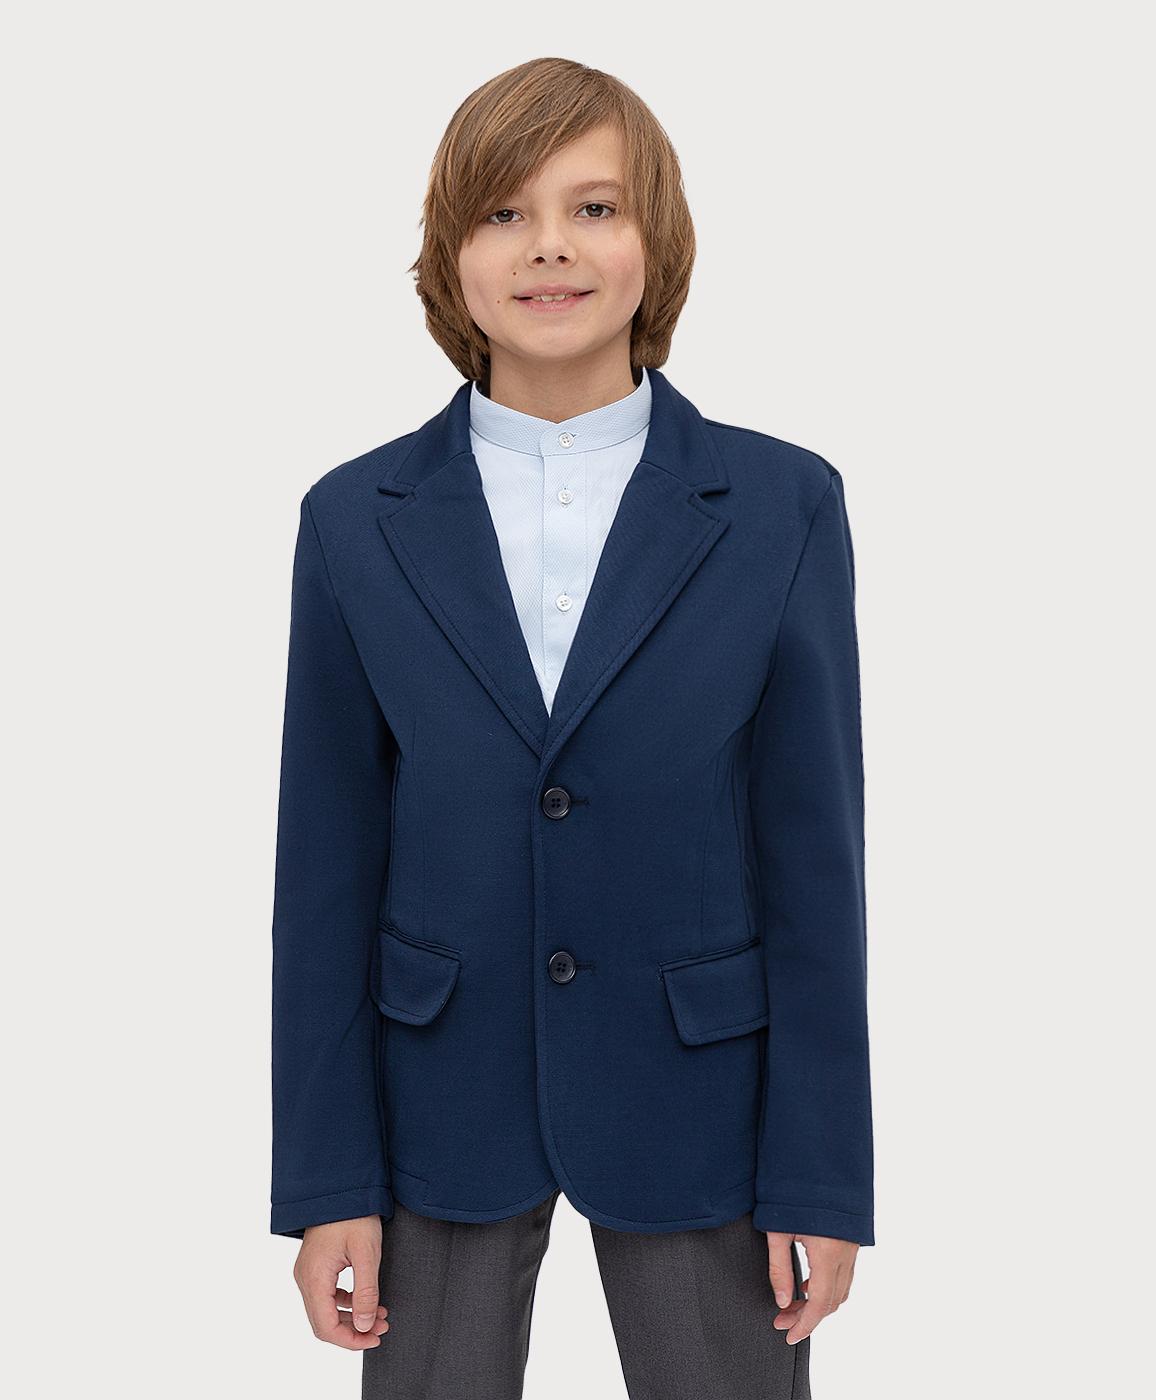 Купить 221BBBS19011000, Пиджак синий Button Blue, 134, Вискоза, Мужской, ШКОЛЬНАЯ ФОРМА 2021-2022 (shop: GulliverMarket Gulliver Market)